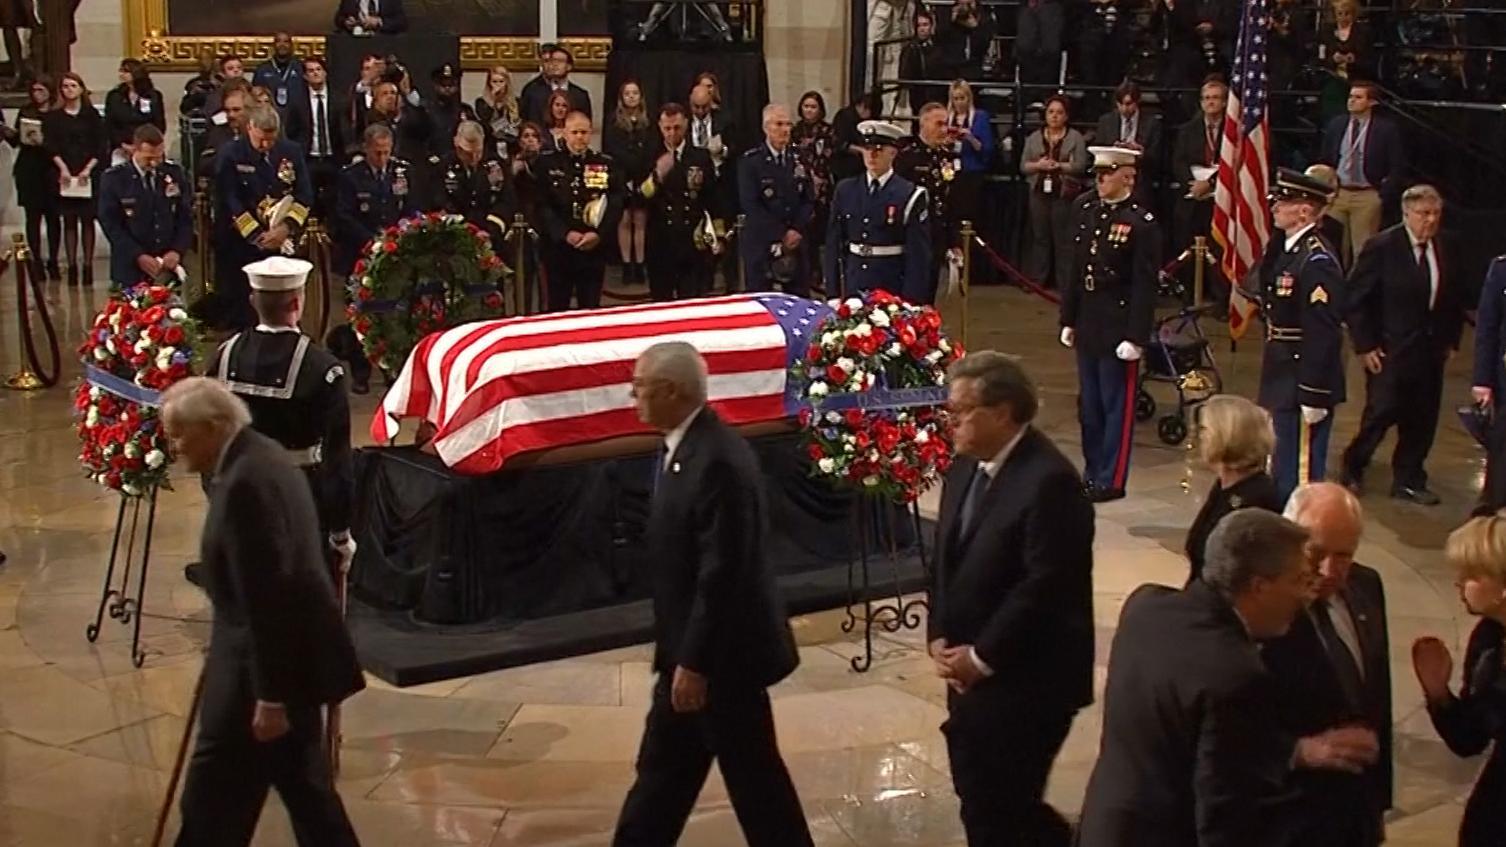 Sarg des verstorbenen ehemaligen US-Präsidenten George H. W. Bush mit der US-Flagge bedeckt wird auf einer Lafette hereingetragen.